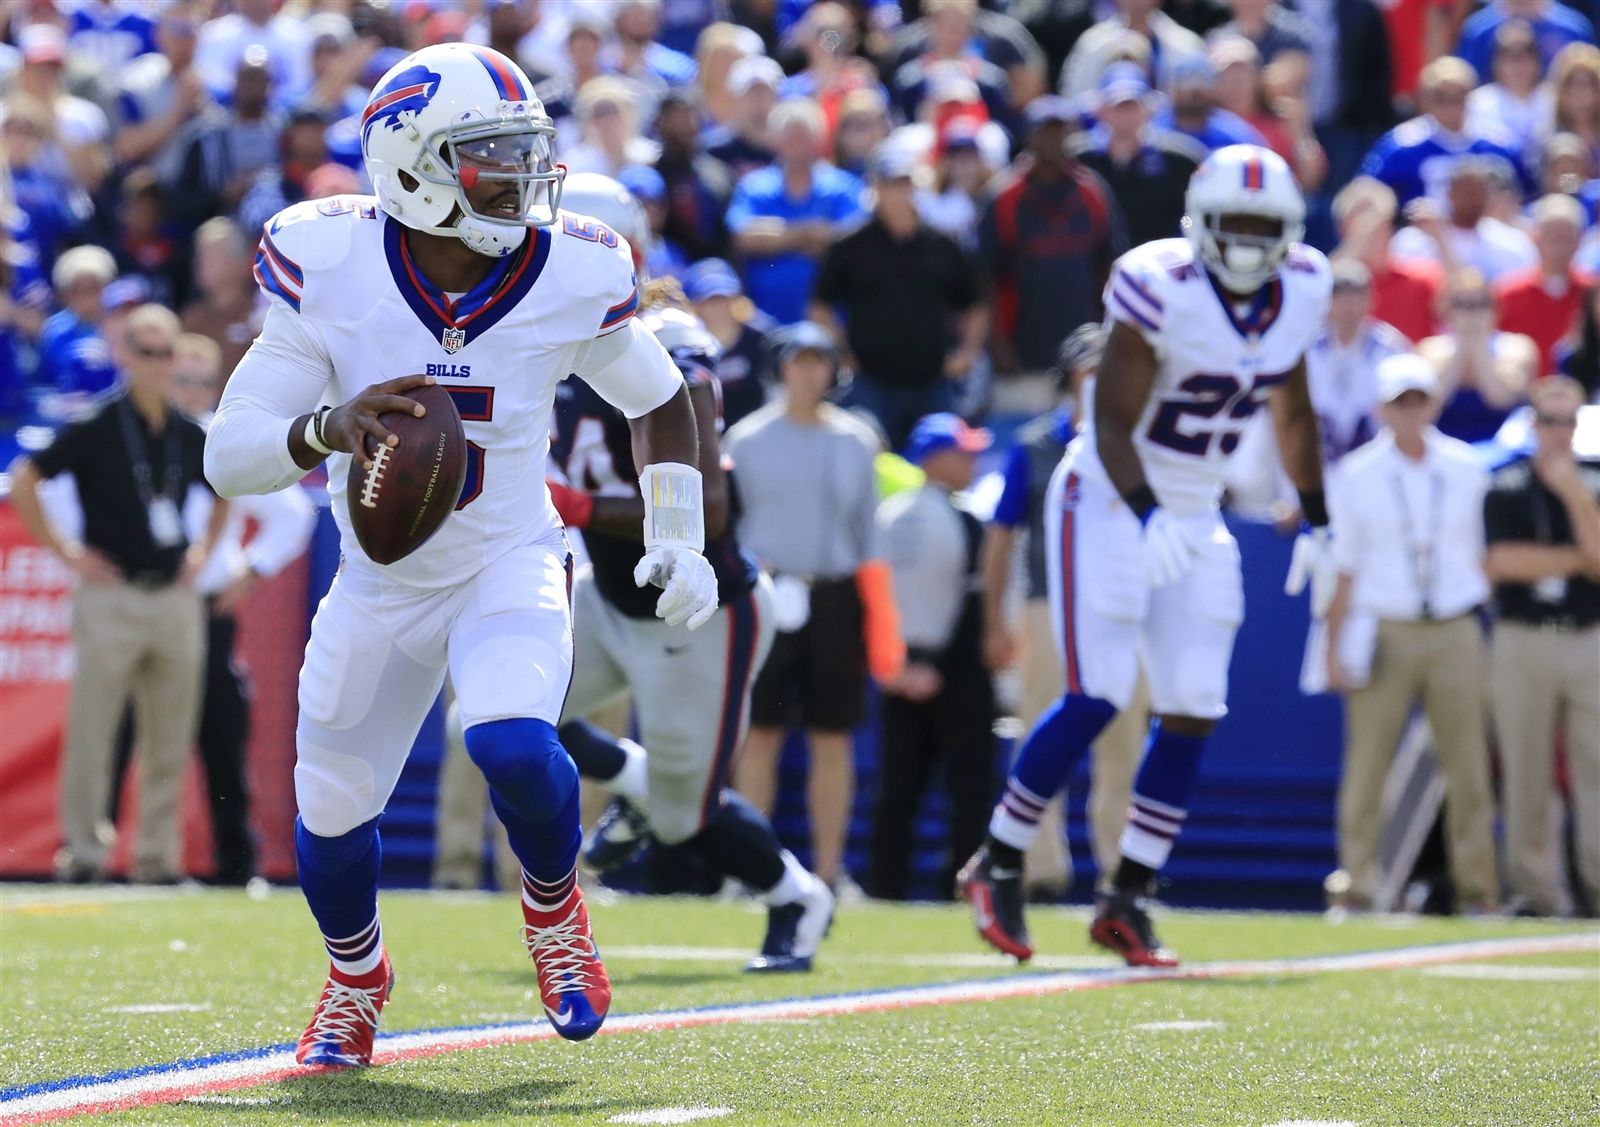 Tyrod Taylor made big plays to help the Bills come back. (Buffalo News)